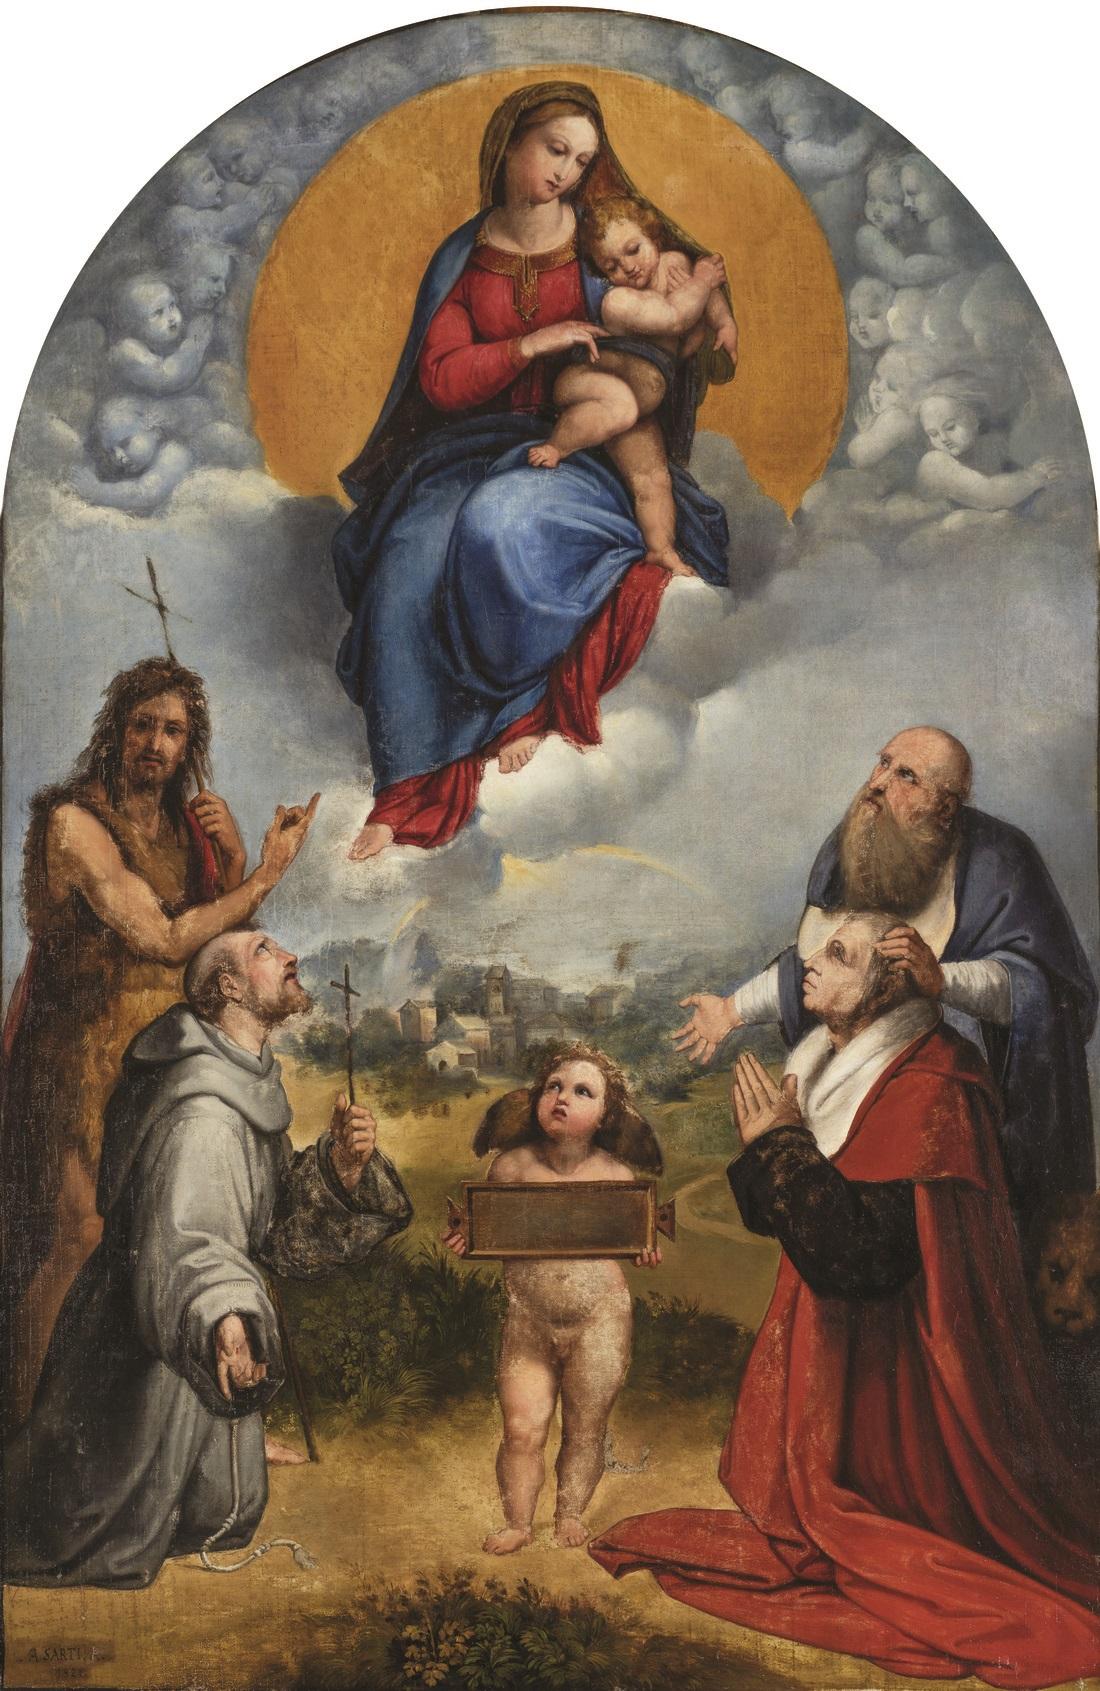 Antonio Sarti, Madonna di Foligno (copia da Raffaello), 1821 olio su tela Roma, Accademia Nazionale di San Luca